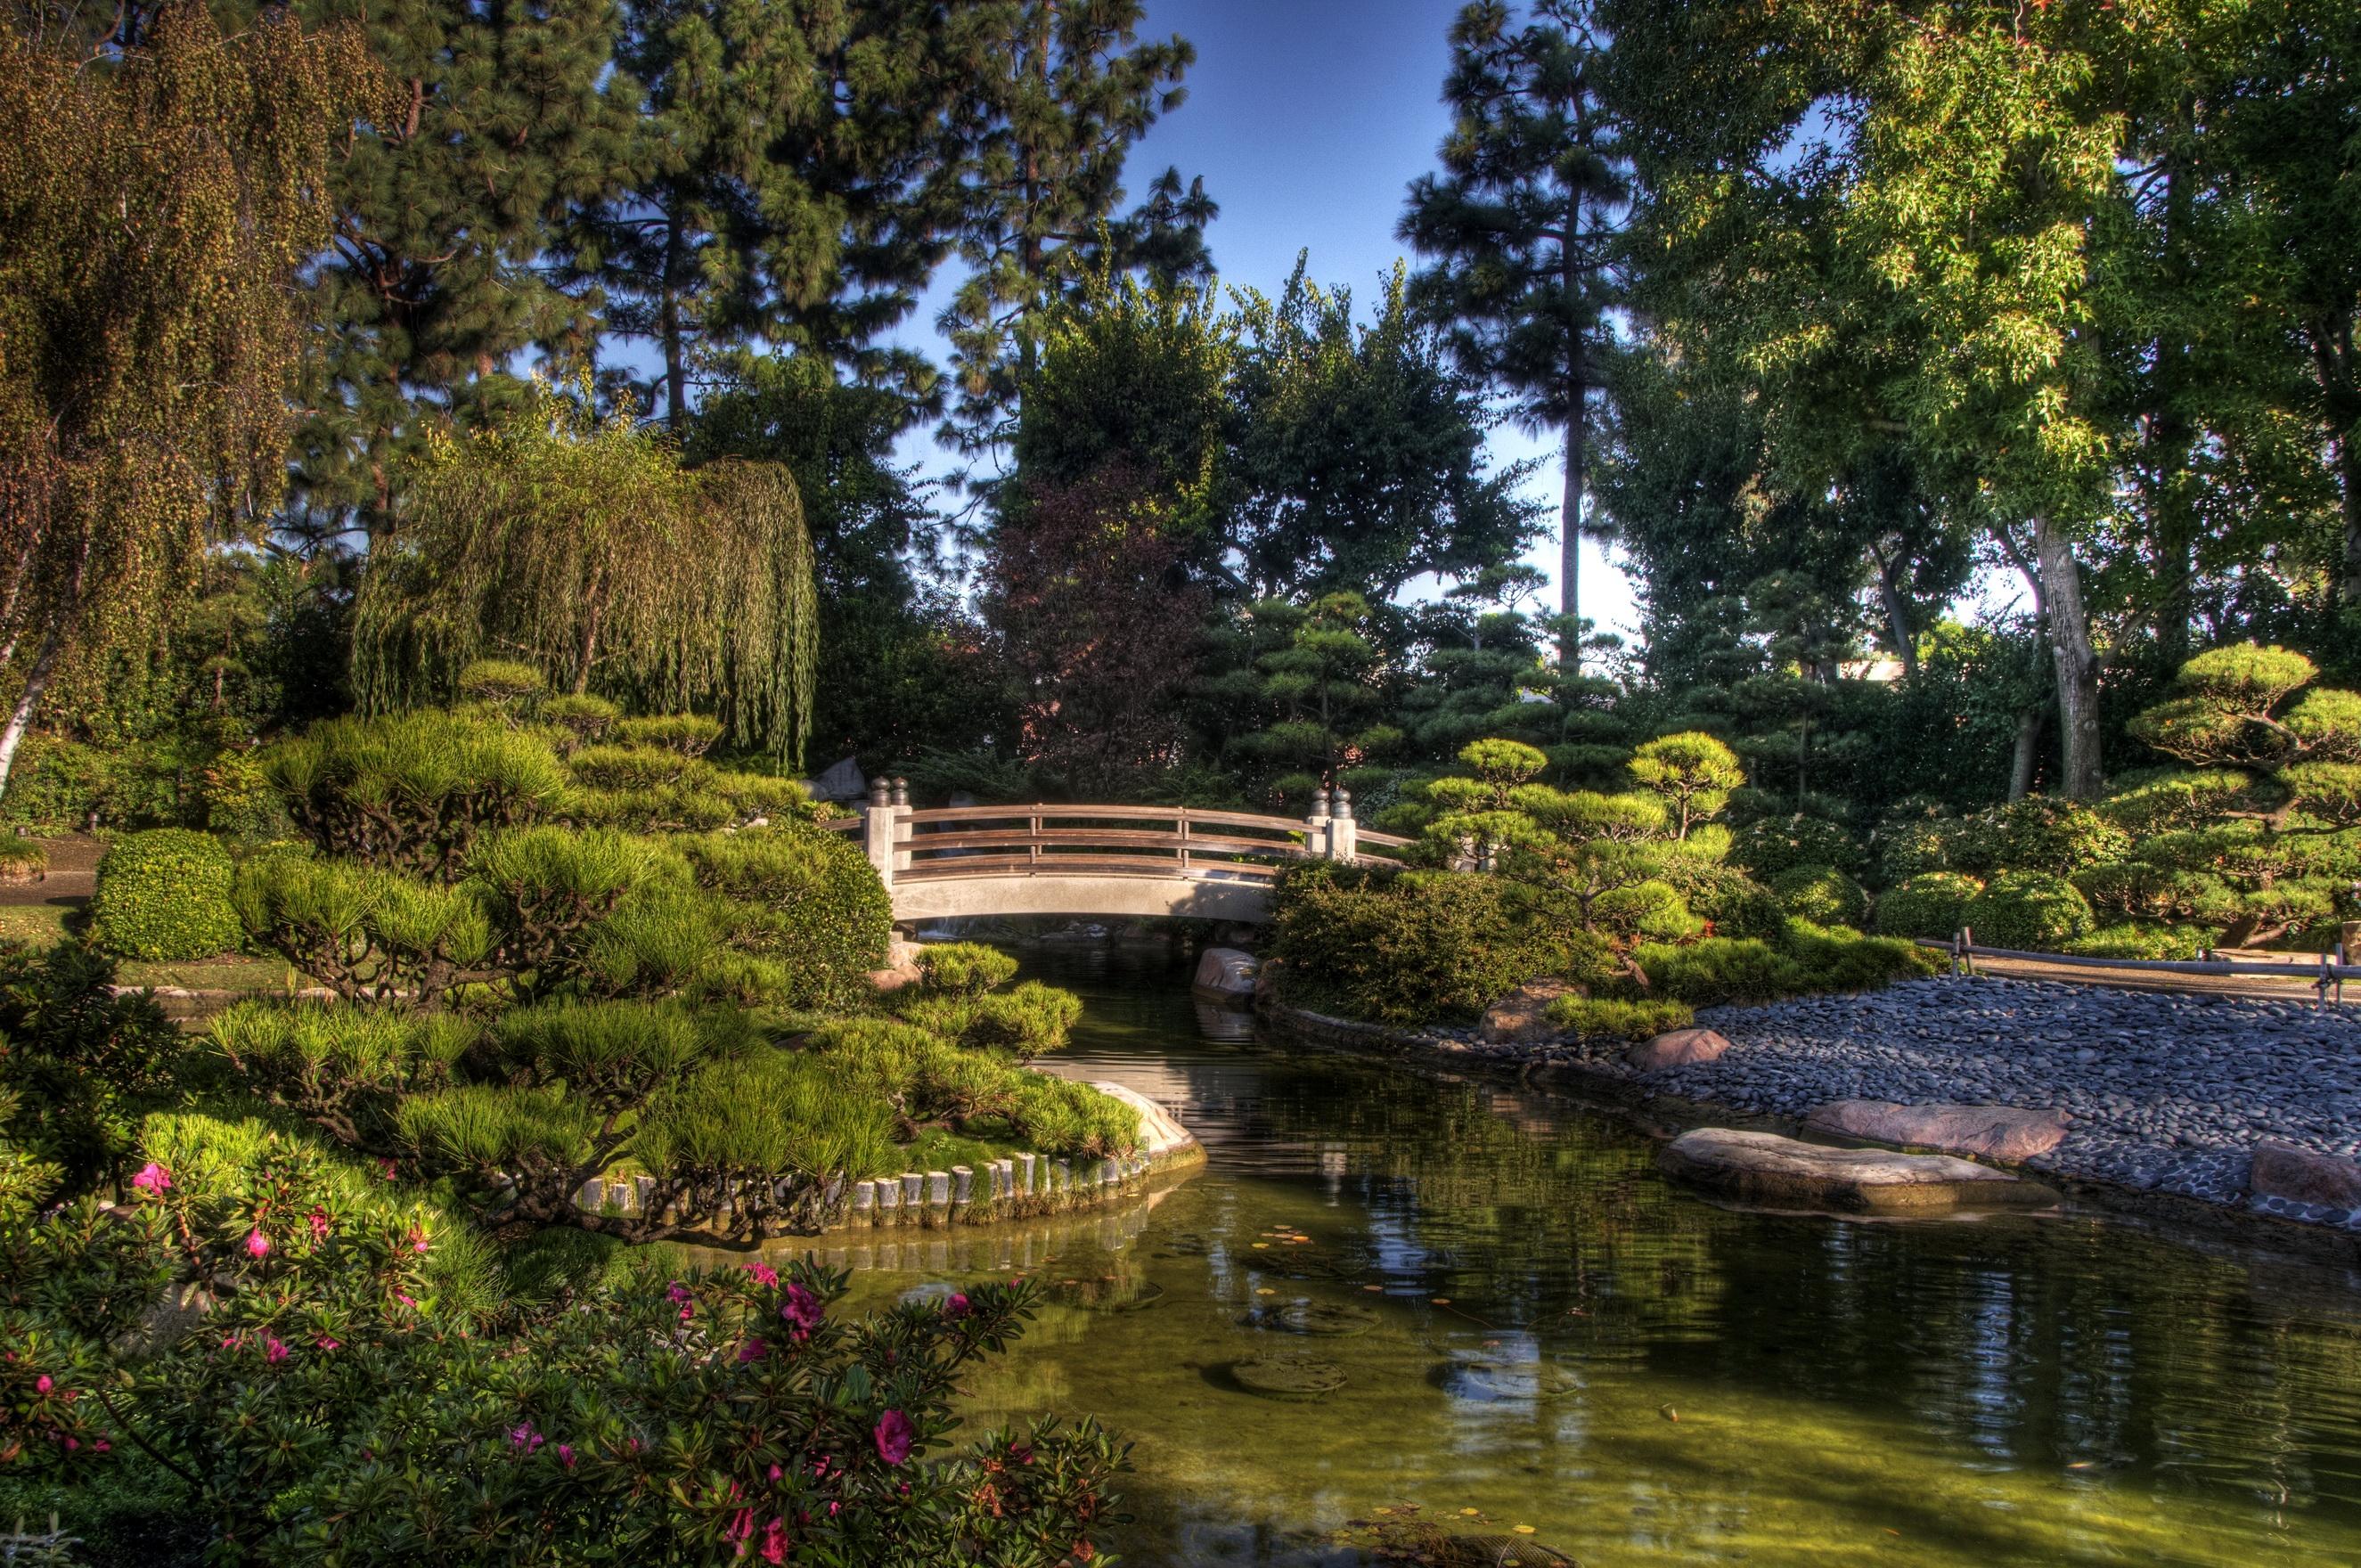 53784 fond d'écran 320x480 sur votre téléphone gratuitement, téléchargez des images Galet, Nature, Arbres, Végétation, Pont, Étang 320x480 sur votre mobile